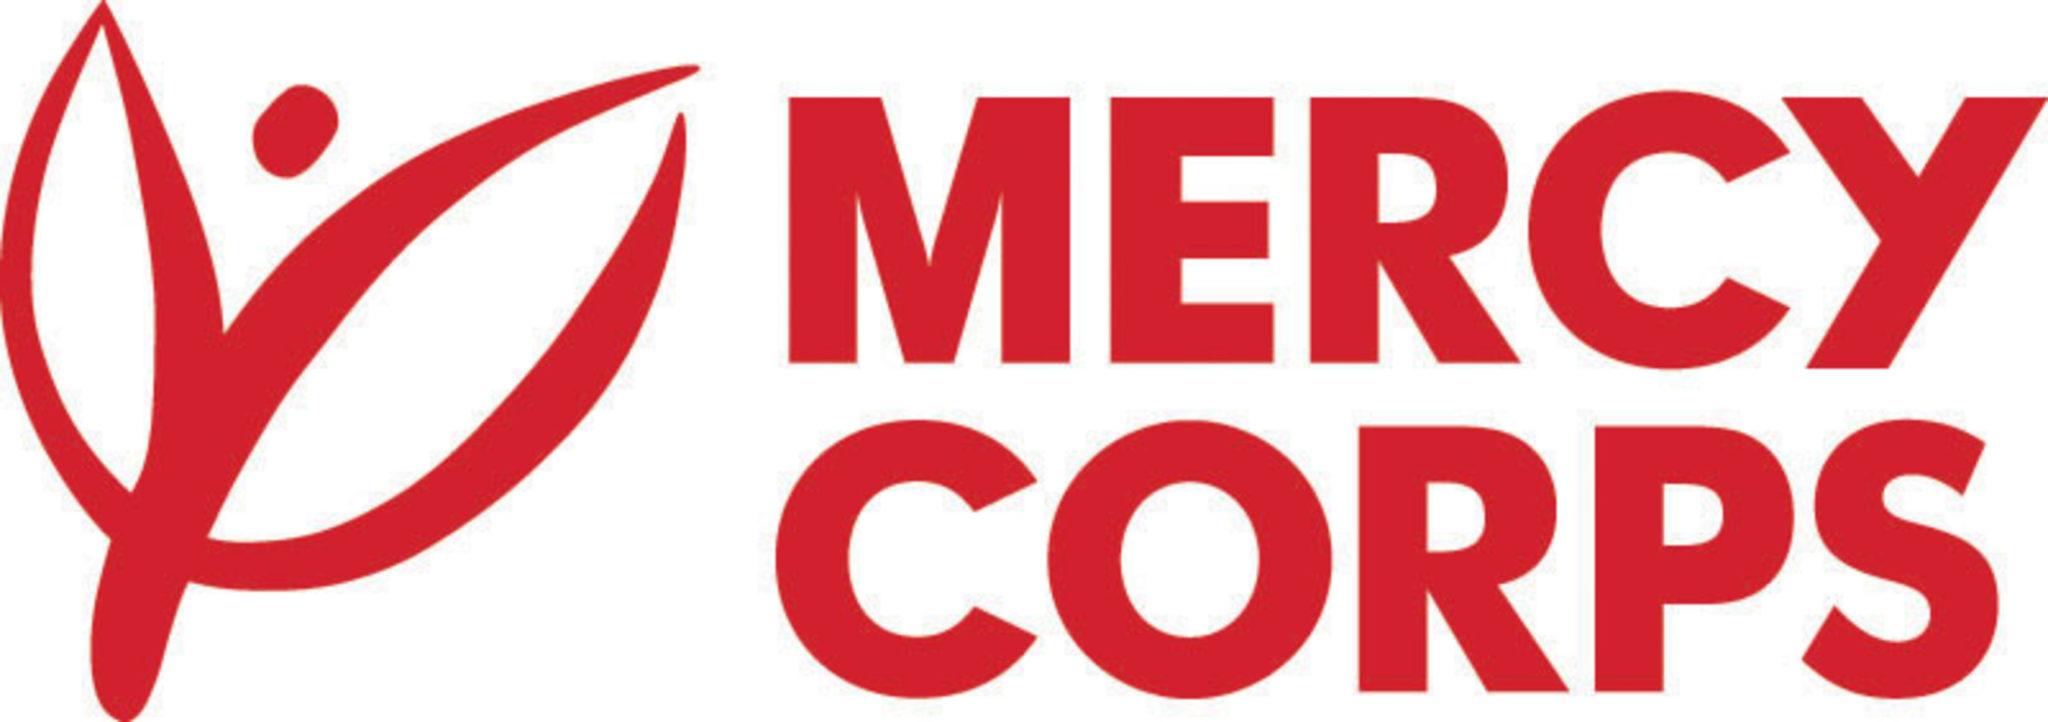 Mercy Corps logo.  (PRNewsFoto/Mercy Corps)